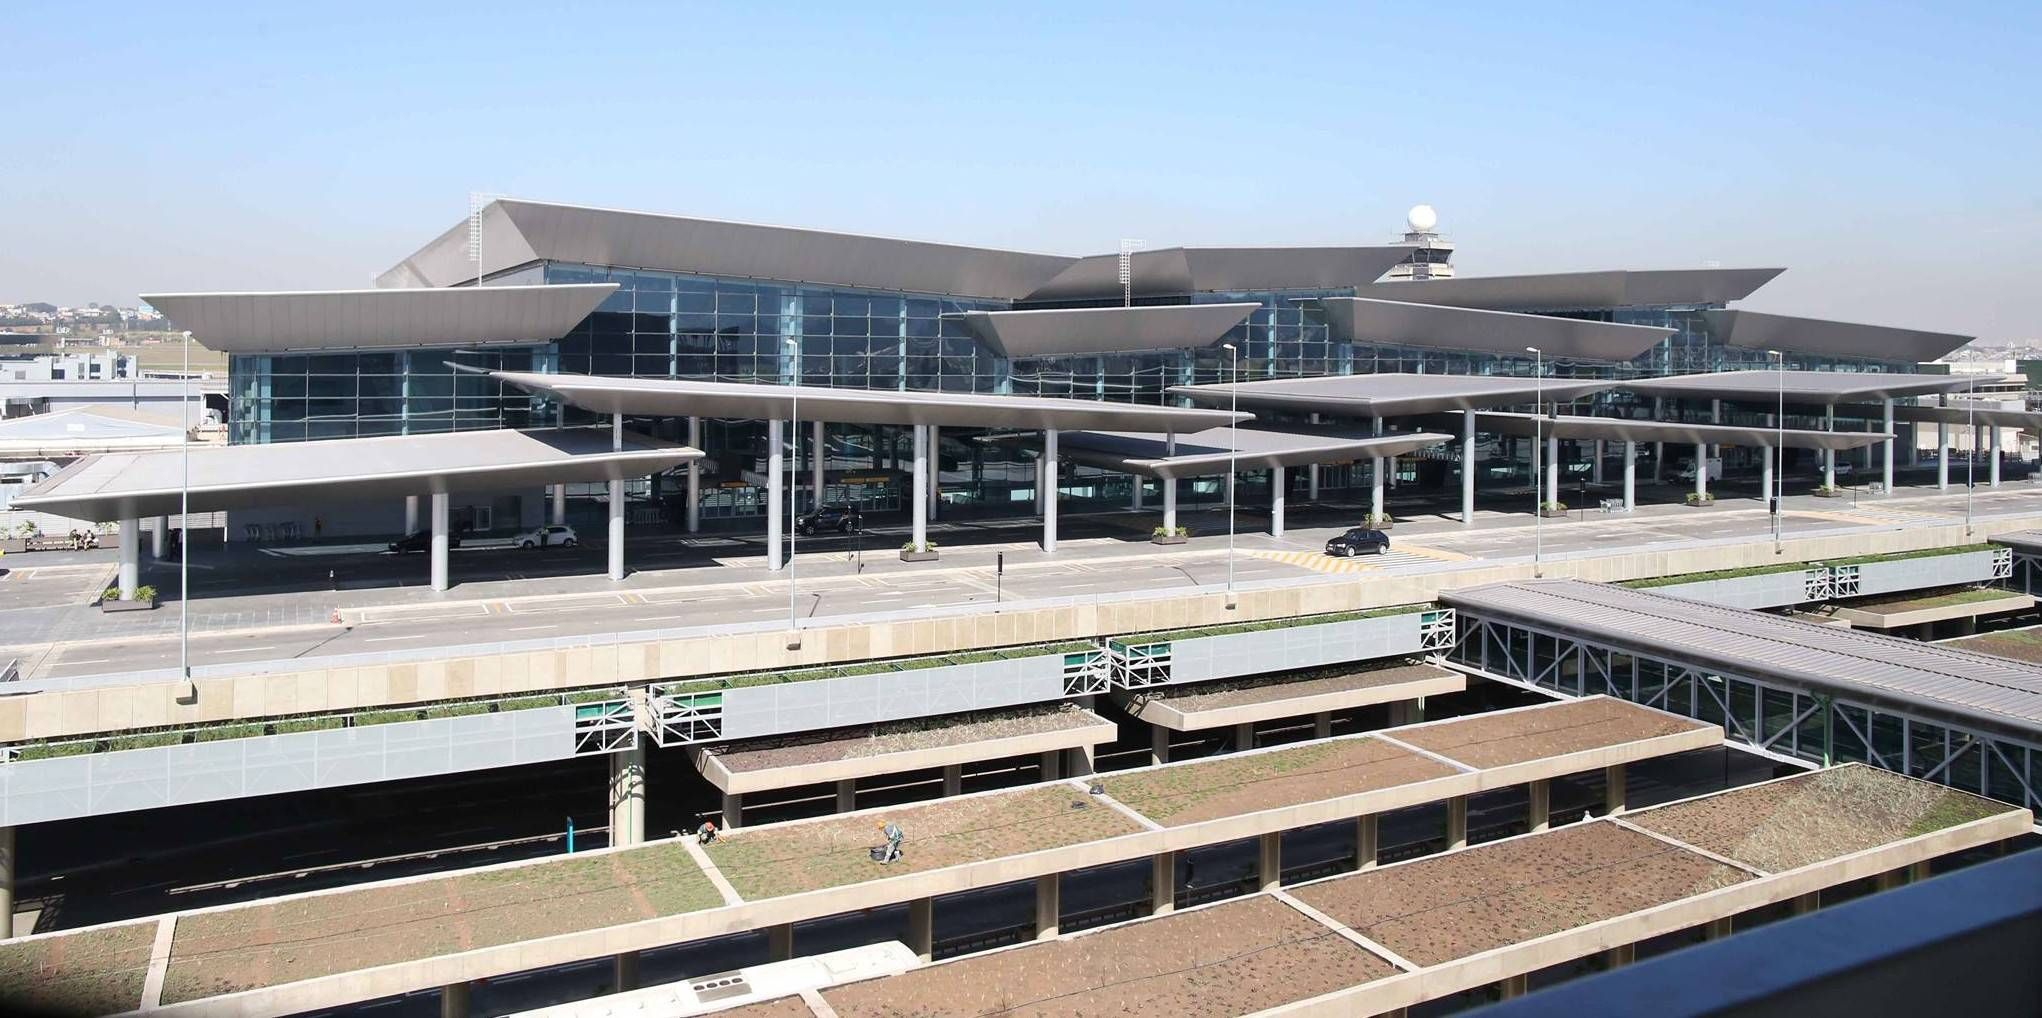 Foto: GRU Airport